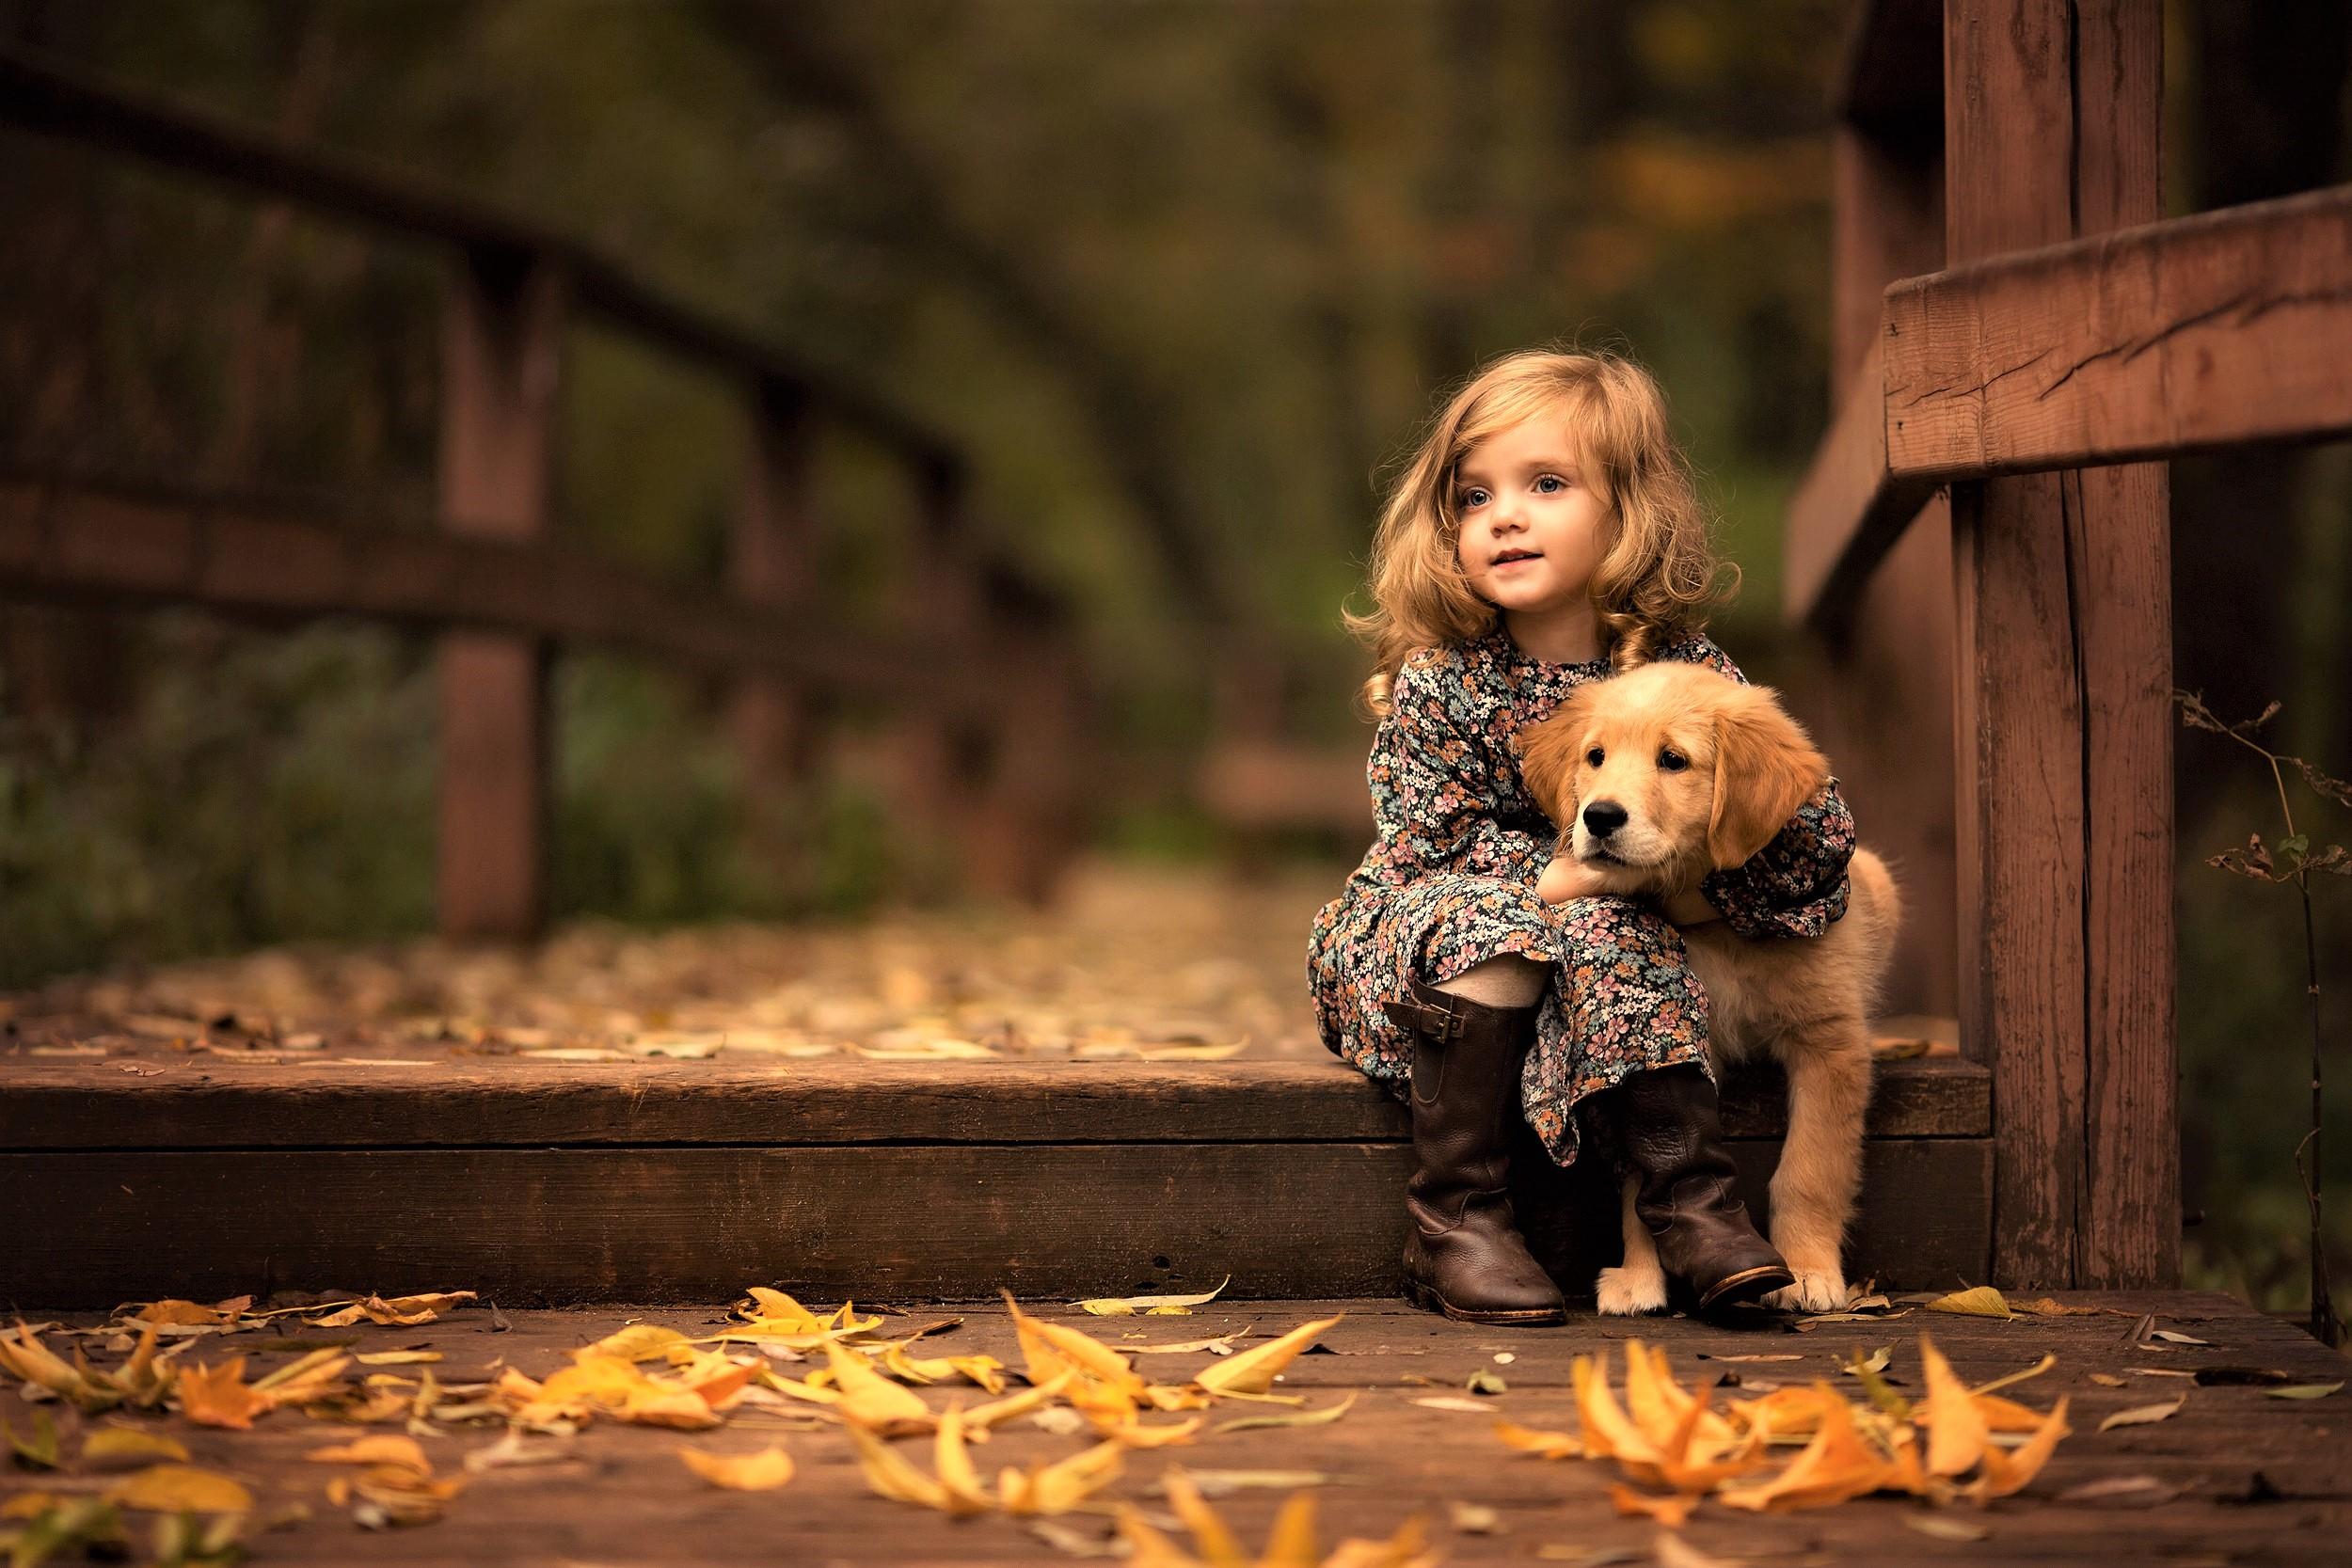 1280x2120 Little Girl With Golden Retriever Puppy Iphone 6 Hd 4k